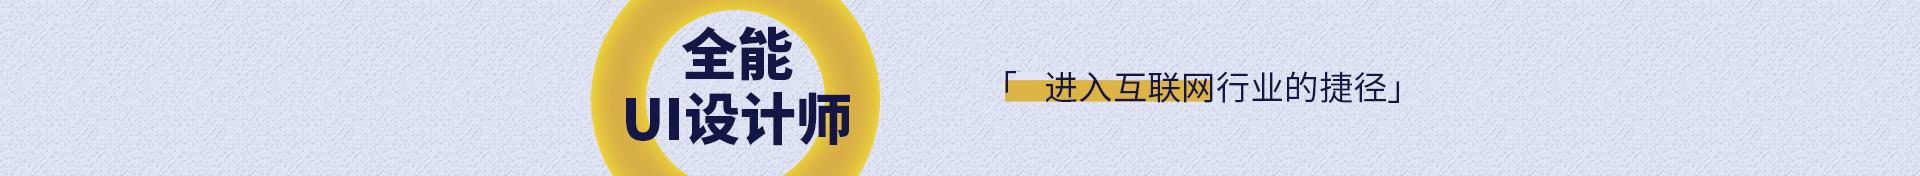 全能UI设计师高薪进入互联网行业的捷径